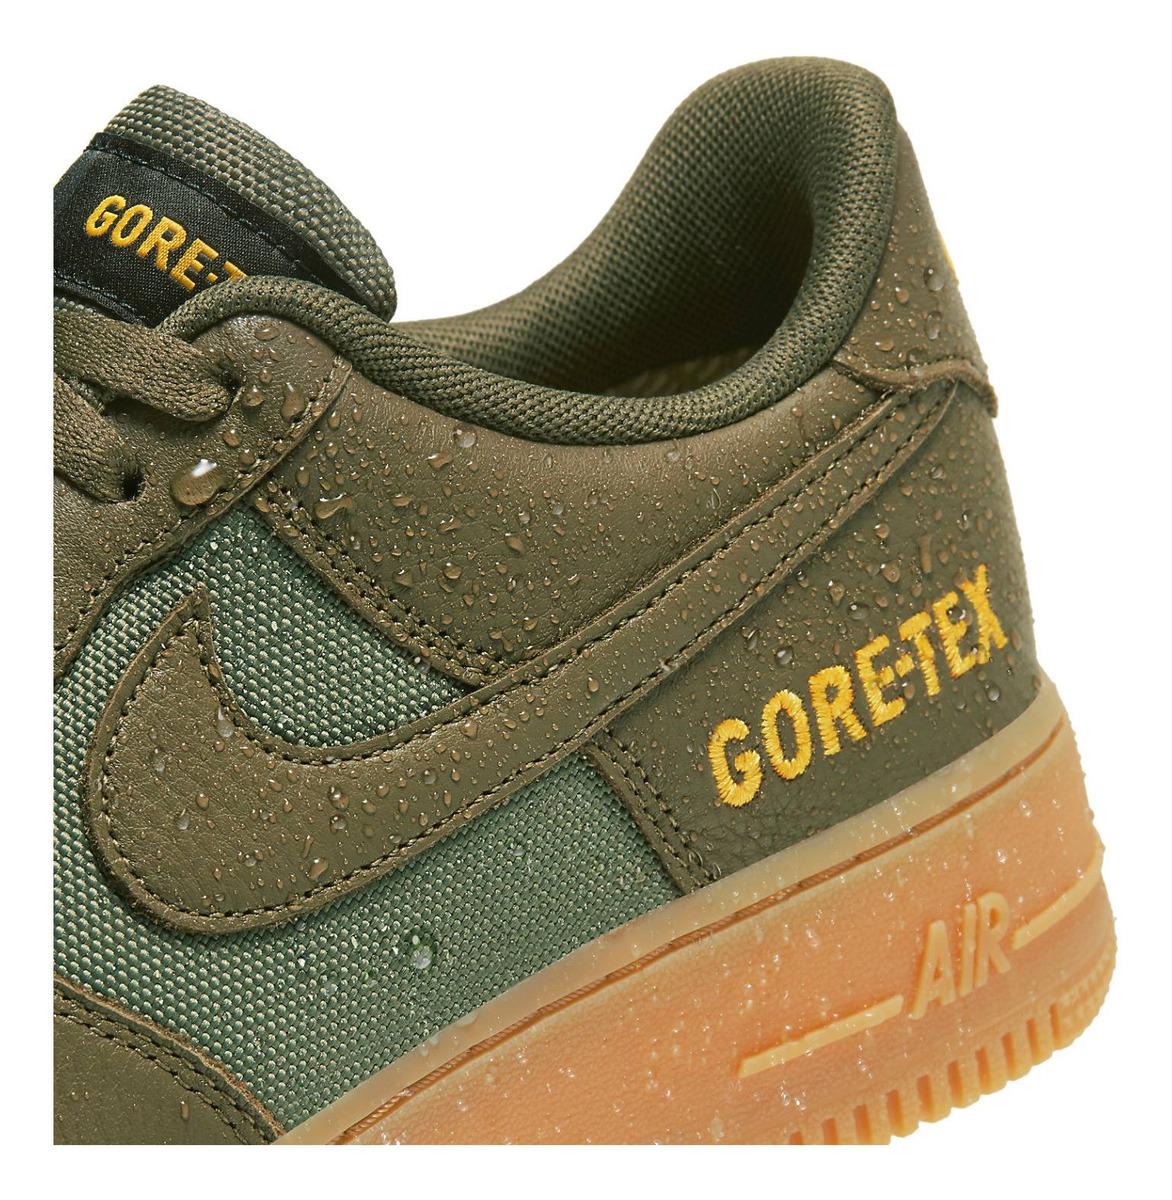 Zapatillas Nike Air Force 1 Gore-tex Hombre Originales